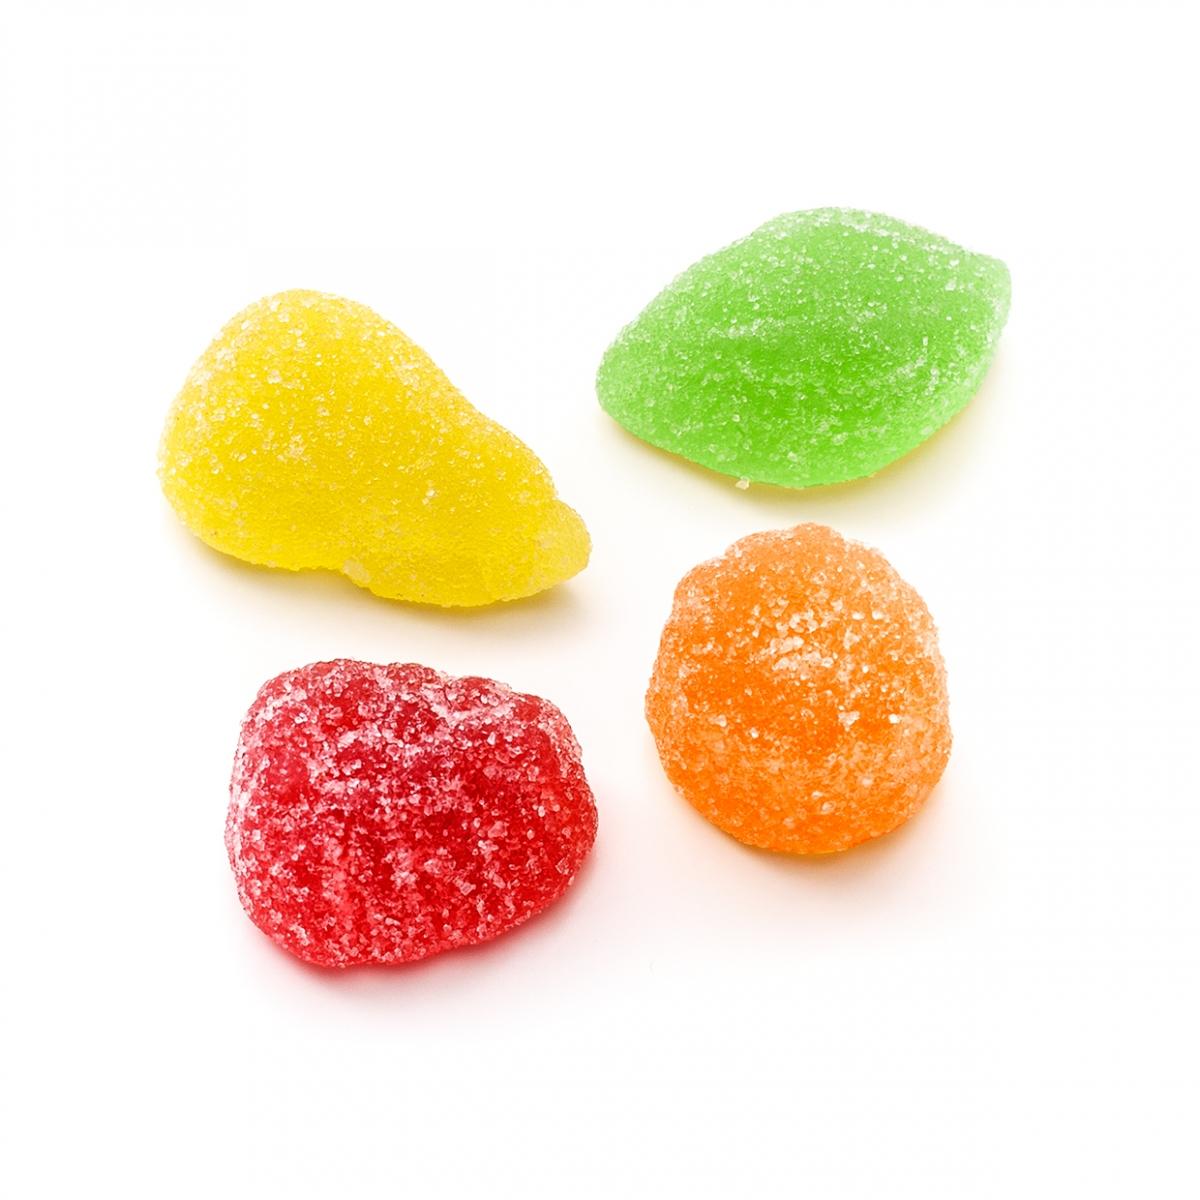 Imagen en la que se ven golosinas de distintos colores